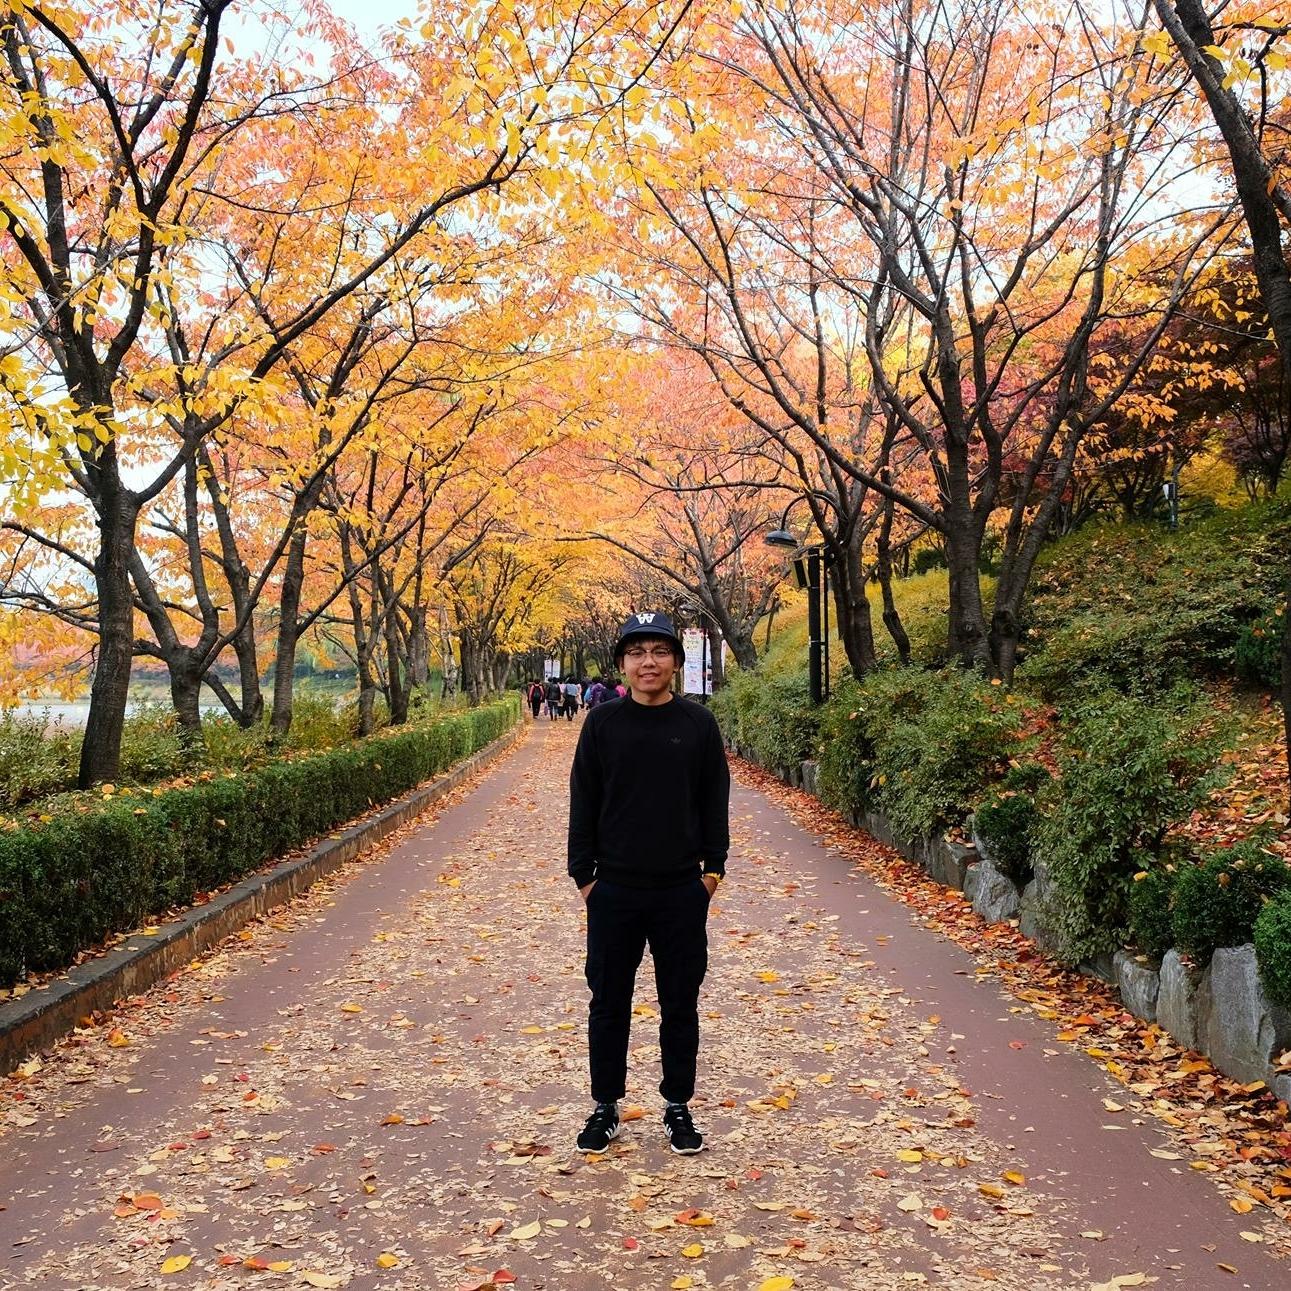 Senior Photographer - Benjamin Ng